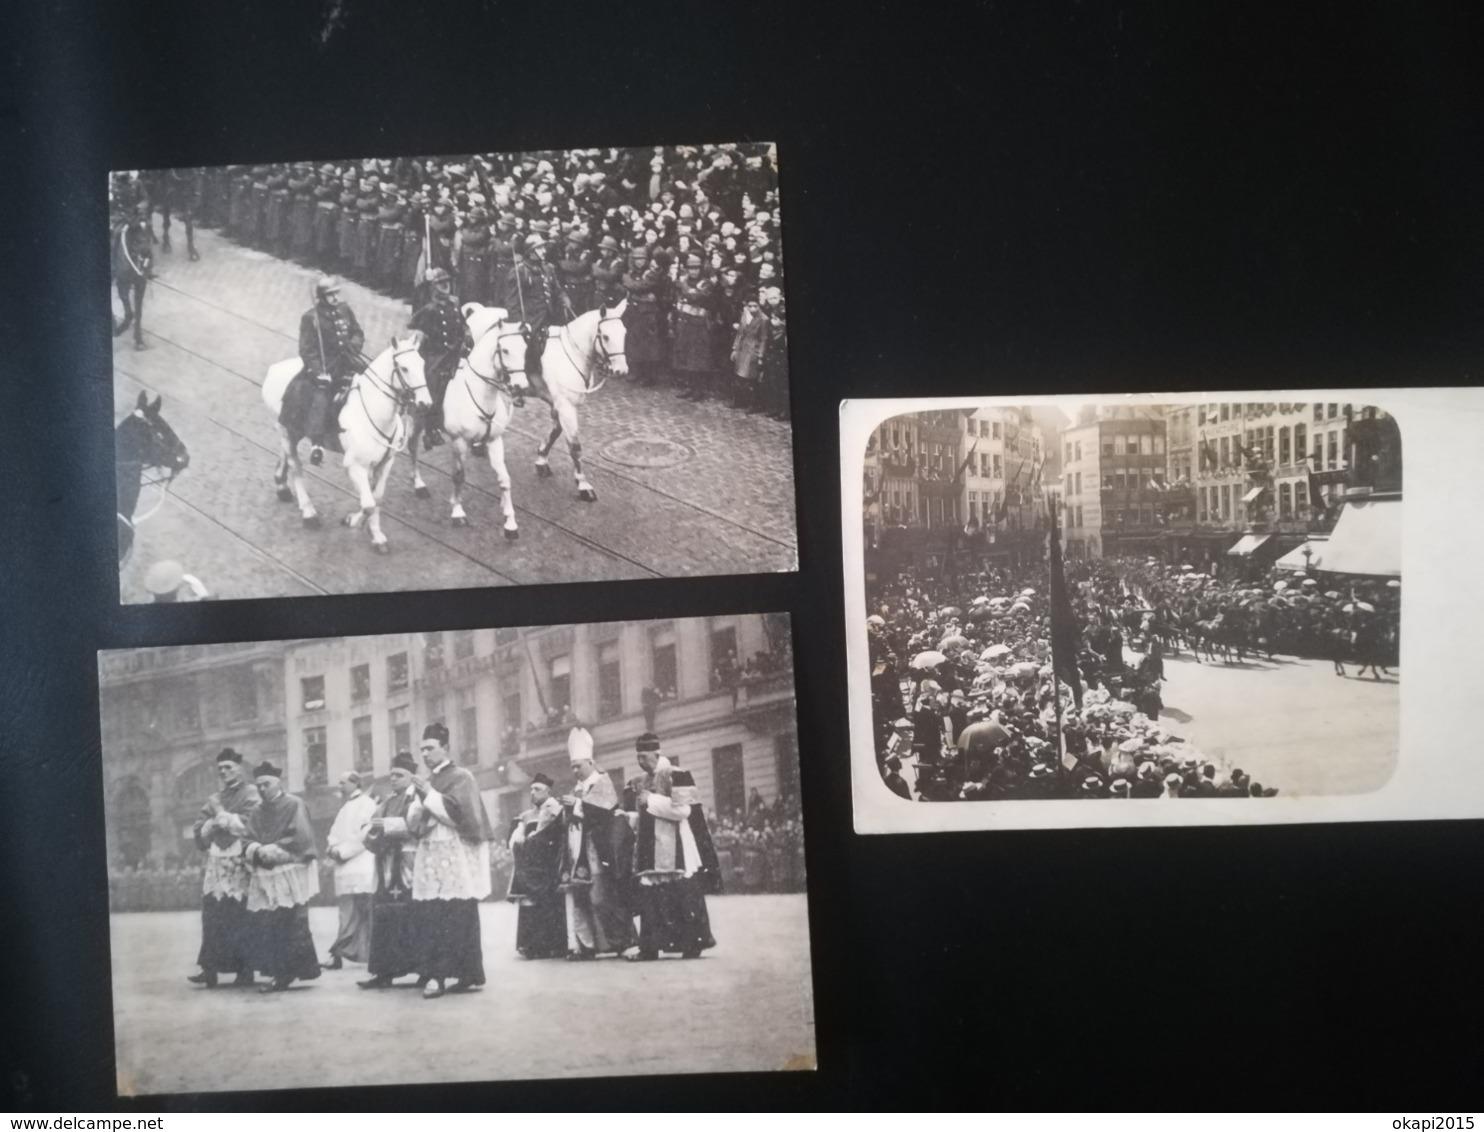 CALÈCHE ACCOMPAGNÉE DE CAVALIERS FOULE BELGIQUE CARTE - PHOTO CARTE POSTALE  À DOS NON DIVISÉ CPA + 2 CP FUNÉRAILLES ROI - Familles Royales